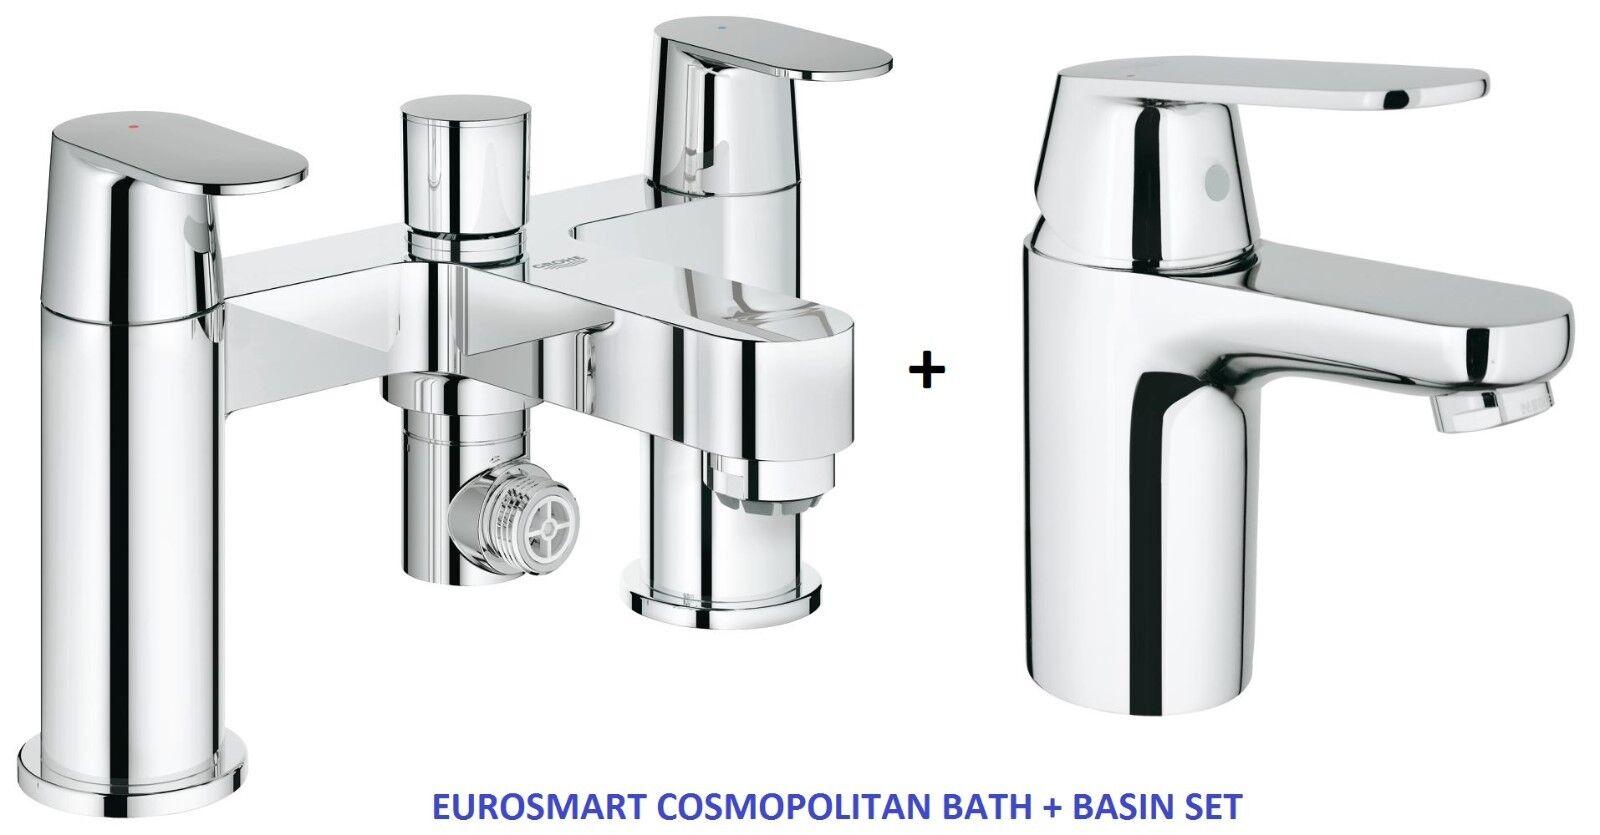 GROHE Eurosmart Cosmo bain douche Mélangeur Lisse bassin mitigeur 25129 + 3282400 L